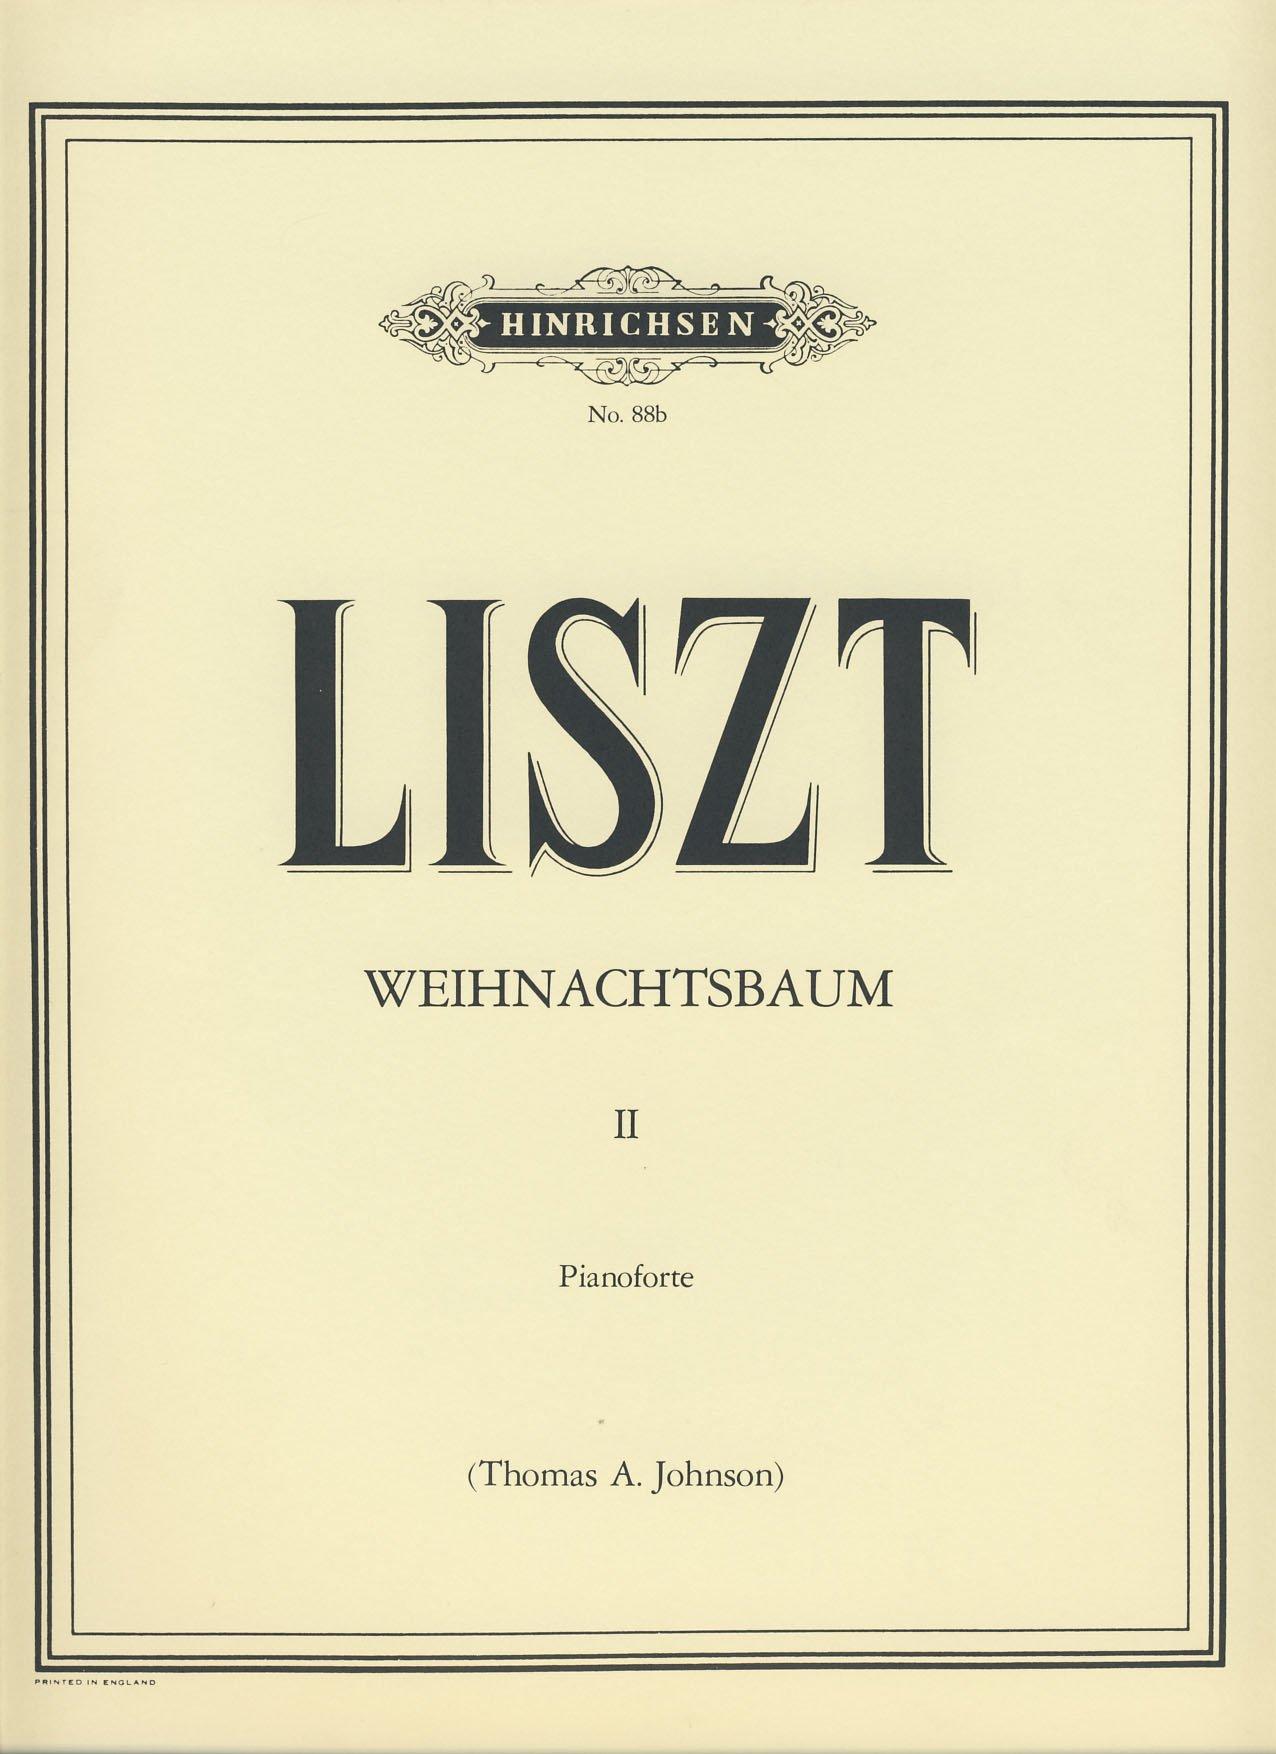 Weihnachtsbaum England.Liszt Arbol De Navidad Weihnachtsbaum Vol 2 Para Piano Johnson